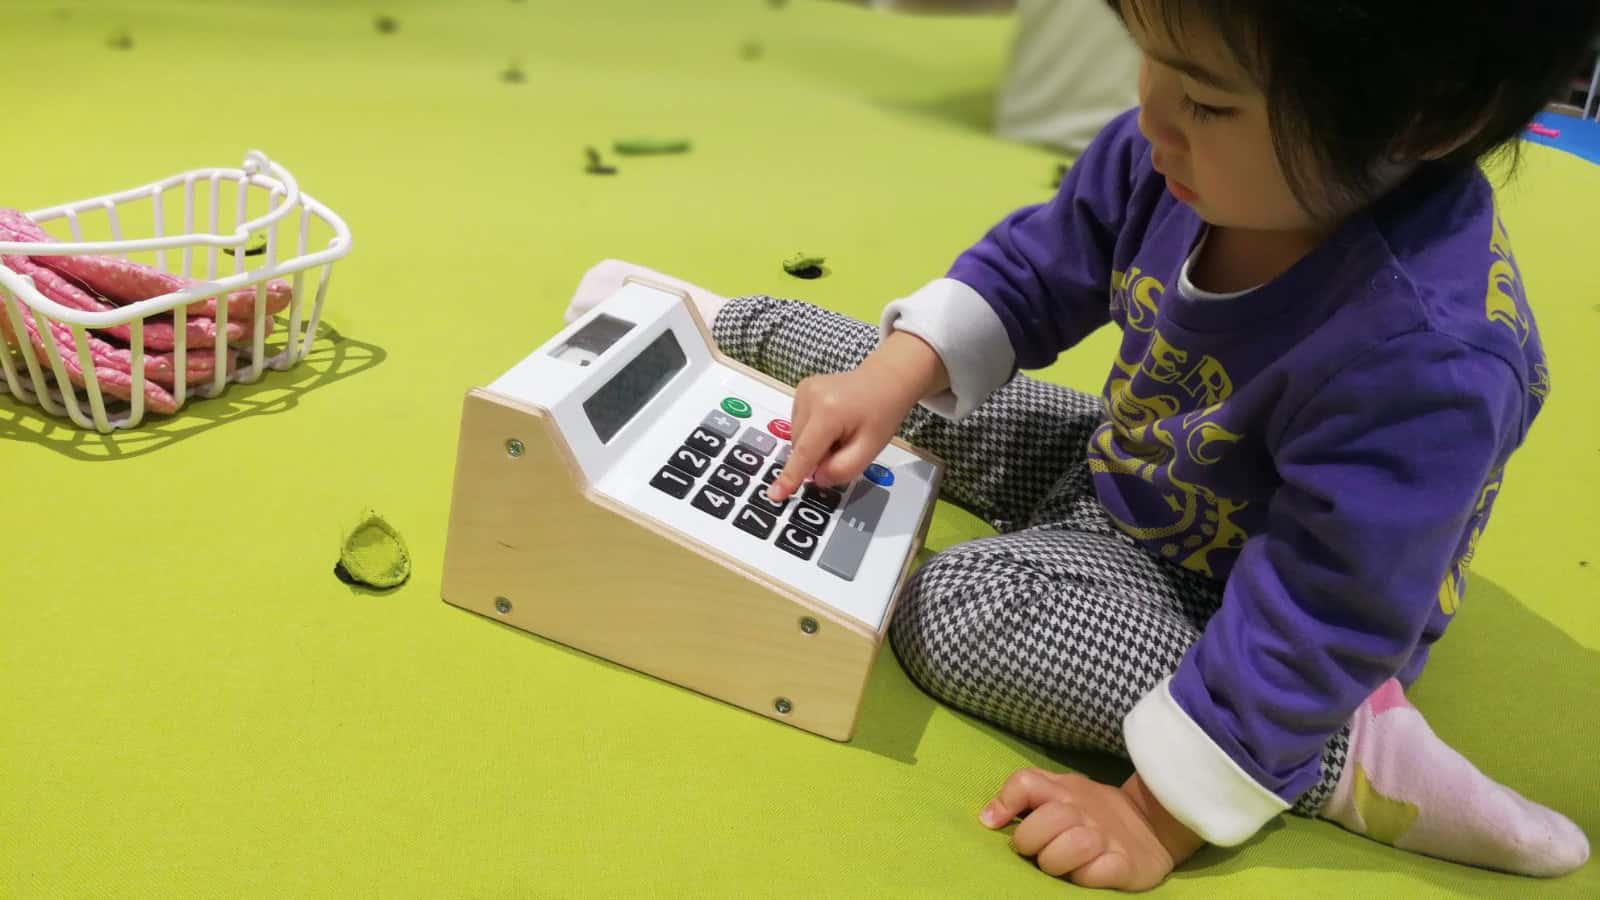 2.5至3.5歲間的孩子即使聚在一起,並不會有任何交談和互動,時機一到才會開始群體遊戲。